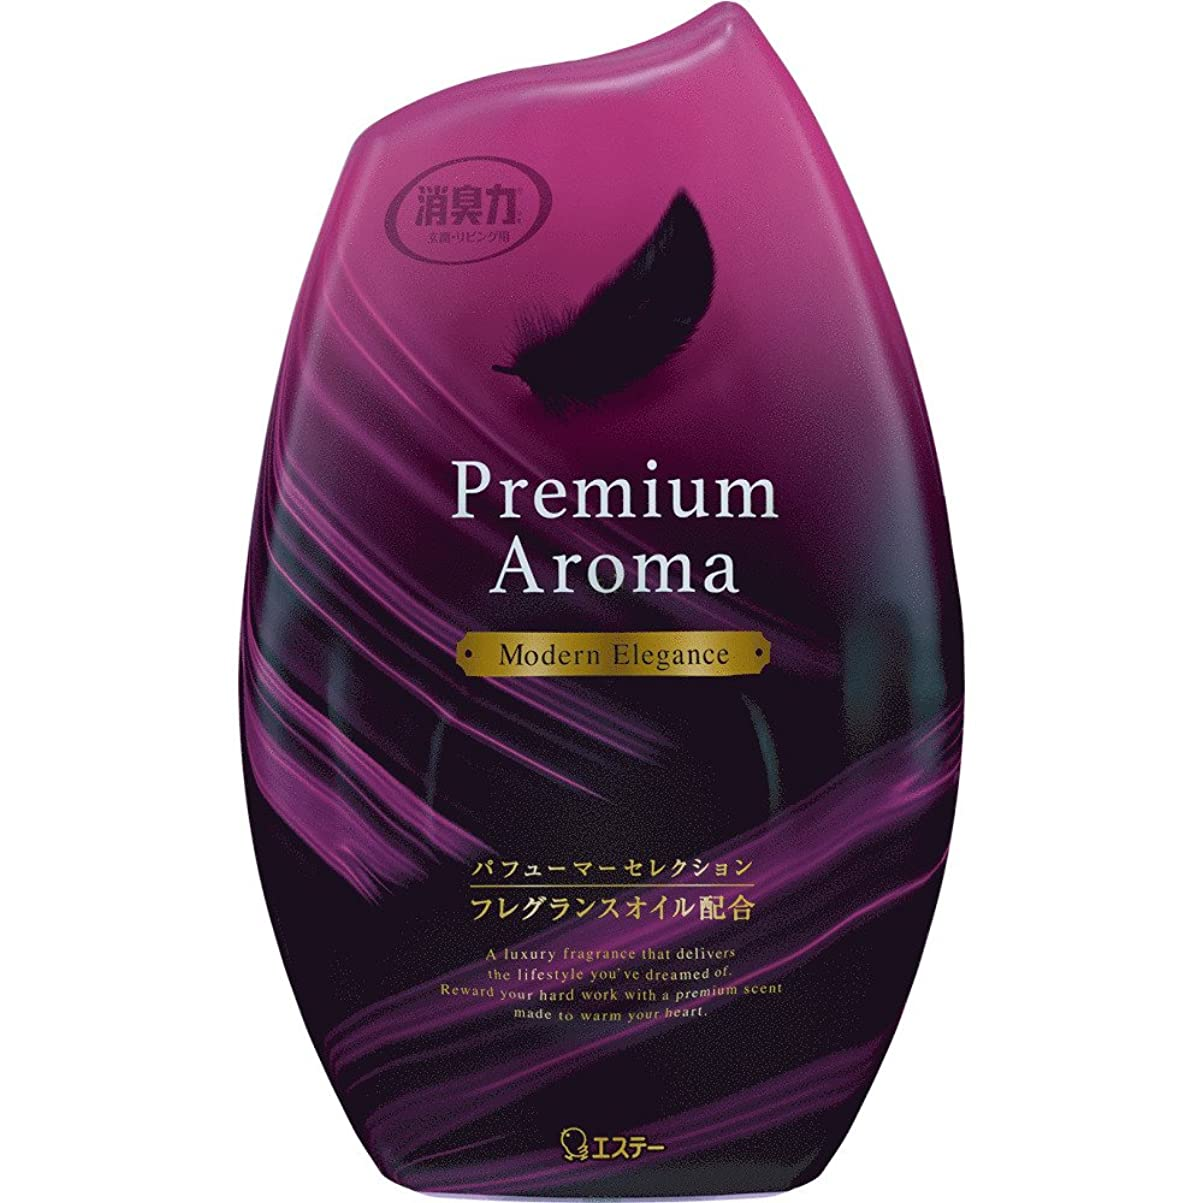 世代ロッド契約したお部屋の消臭力 プレミアムアロマ Premium Aroma 消臭芳香剤 部屋用 部屋 モダンエレガンスの香り 400ml